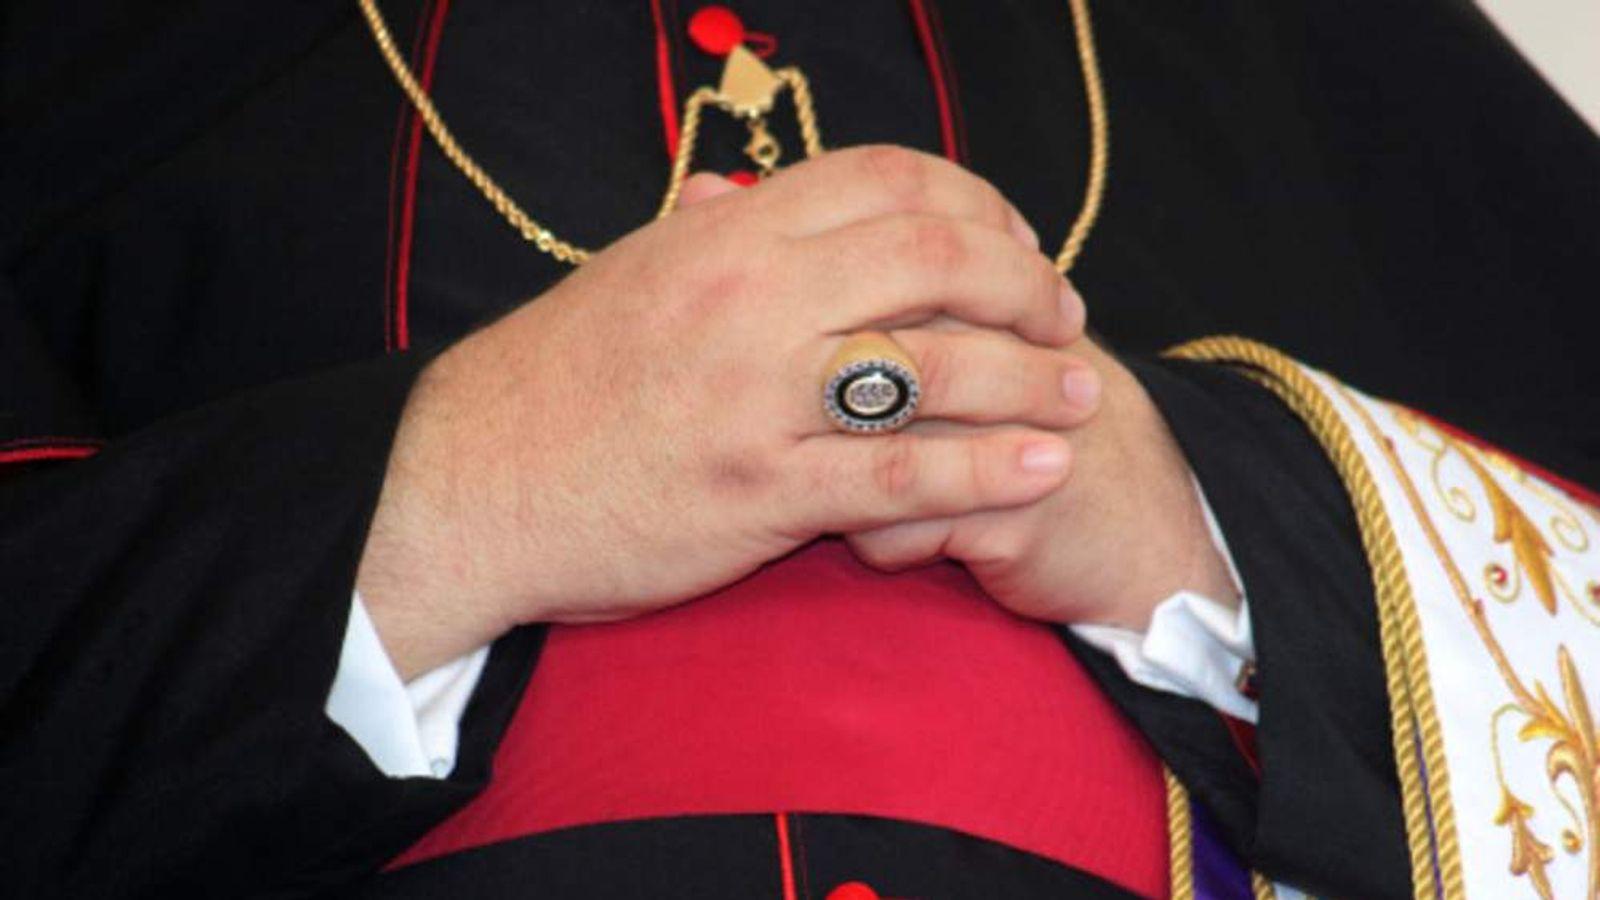 ThinkStock image of bishop